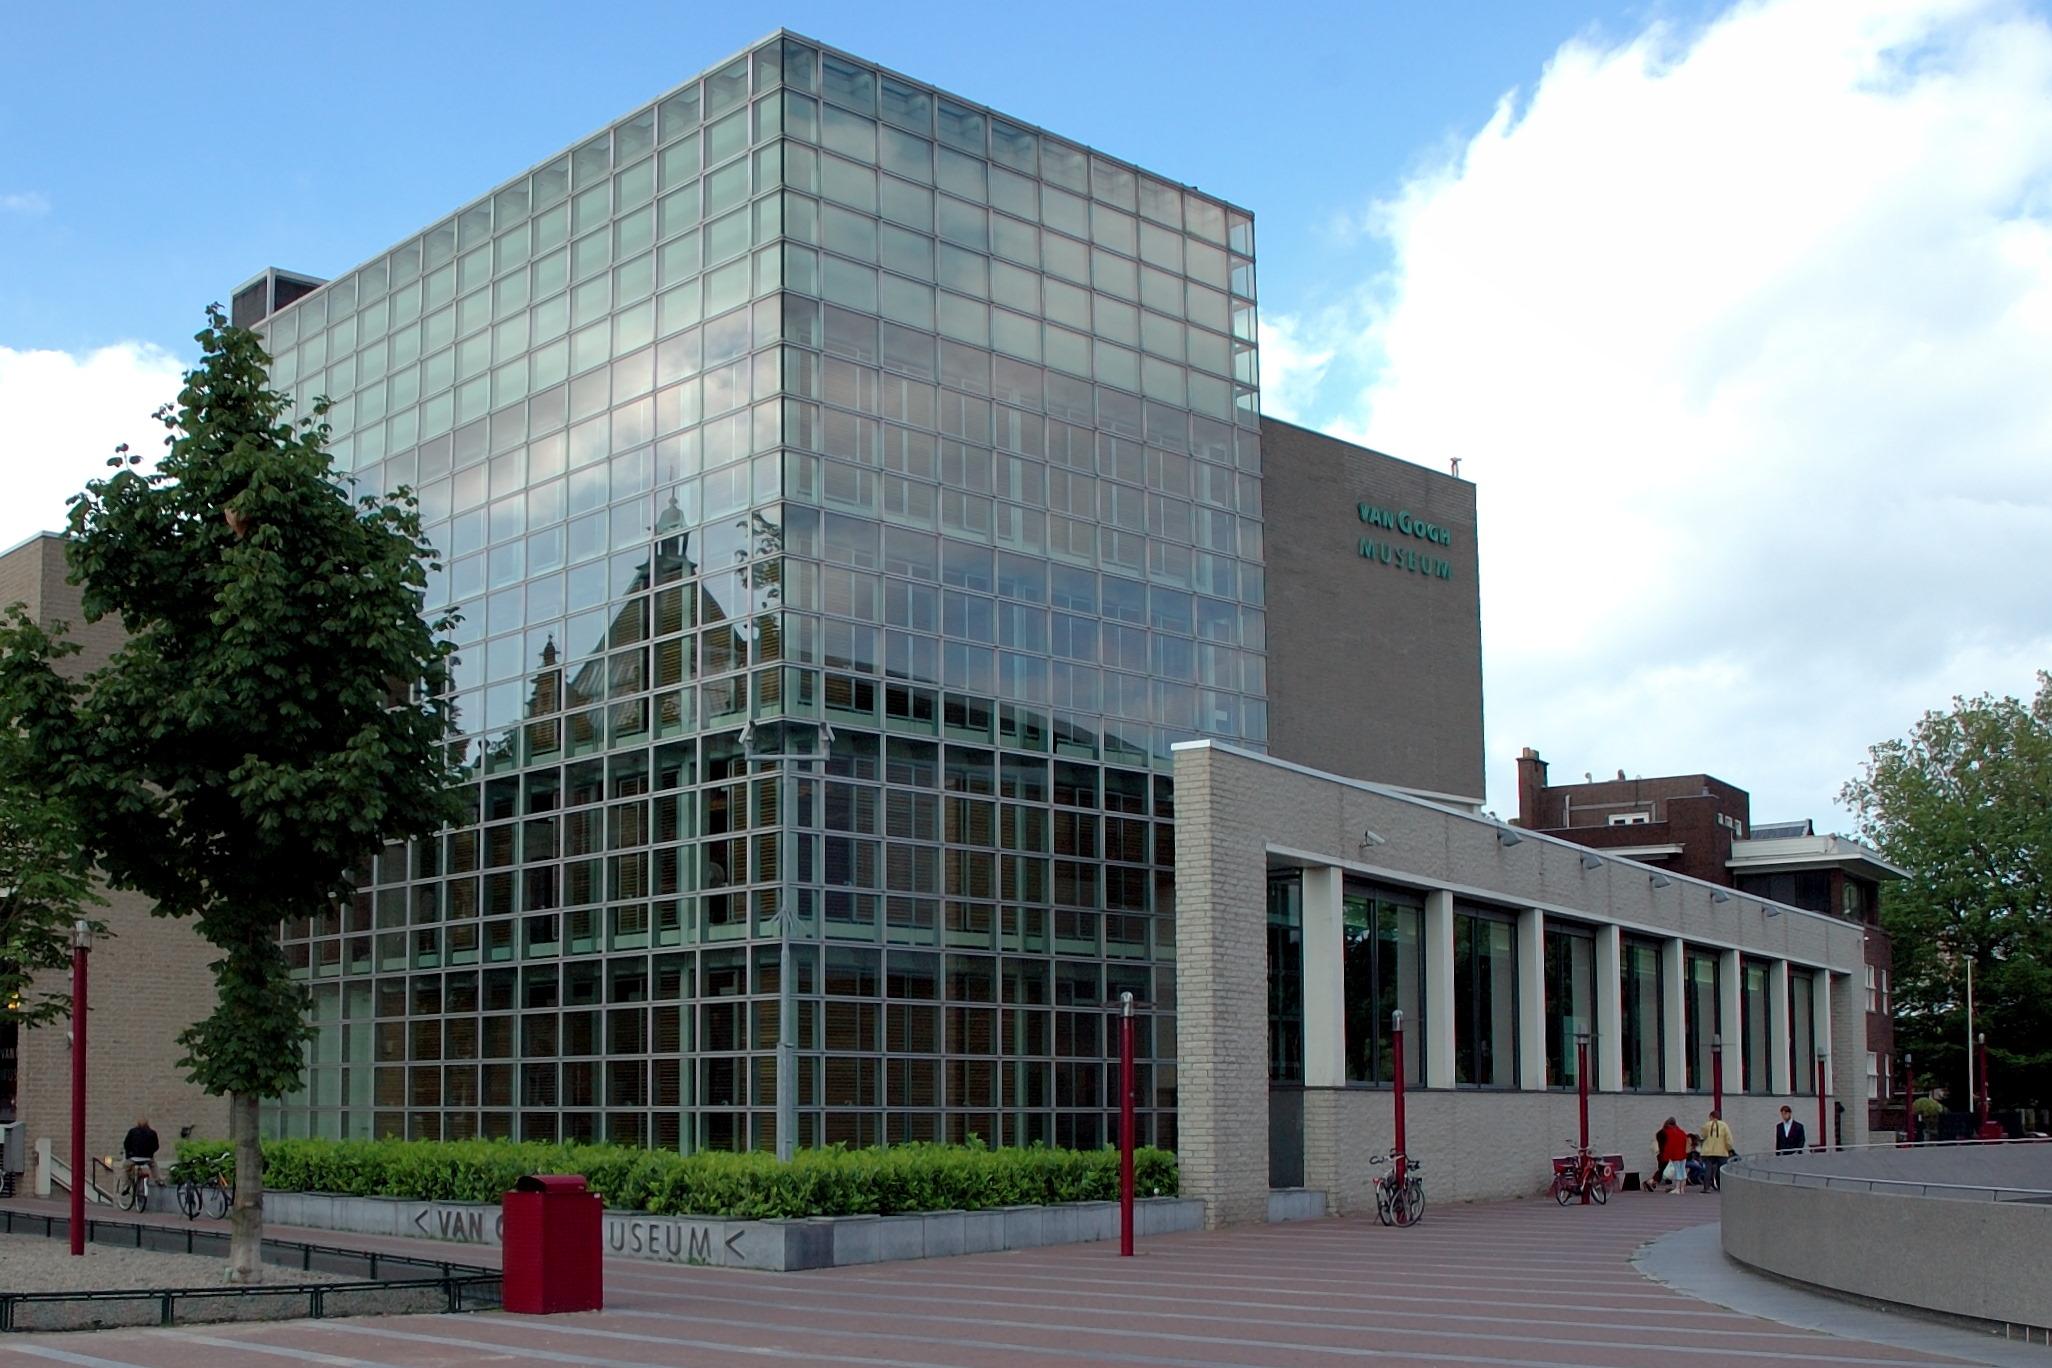 Van Gogh y su museo